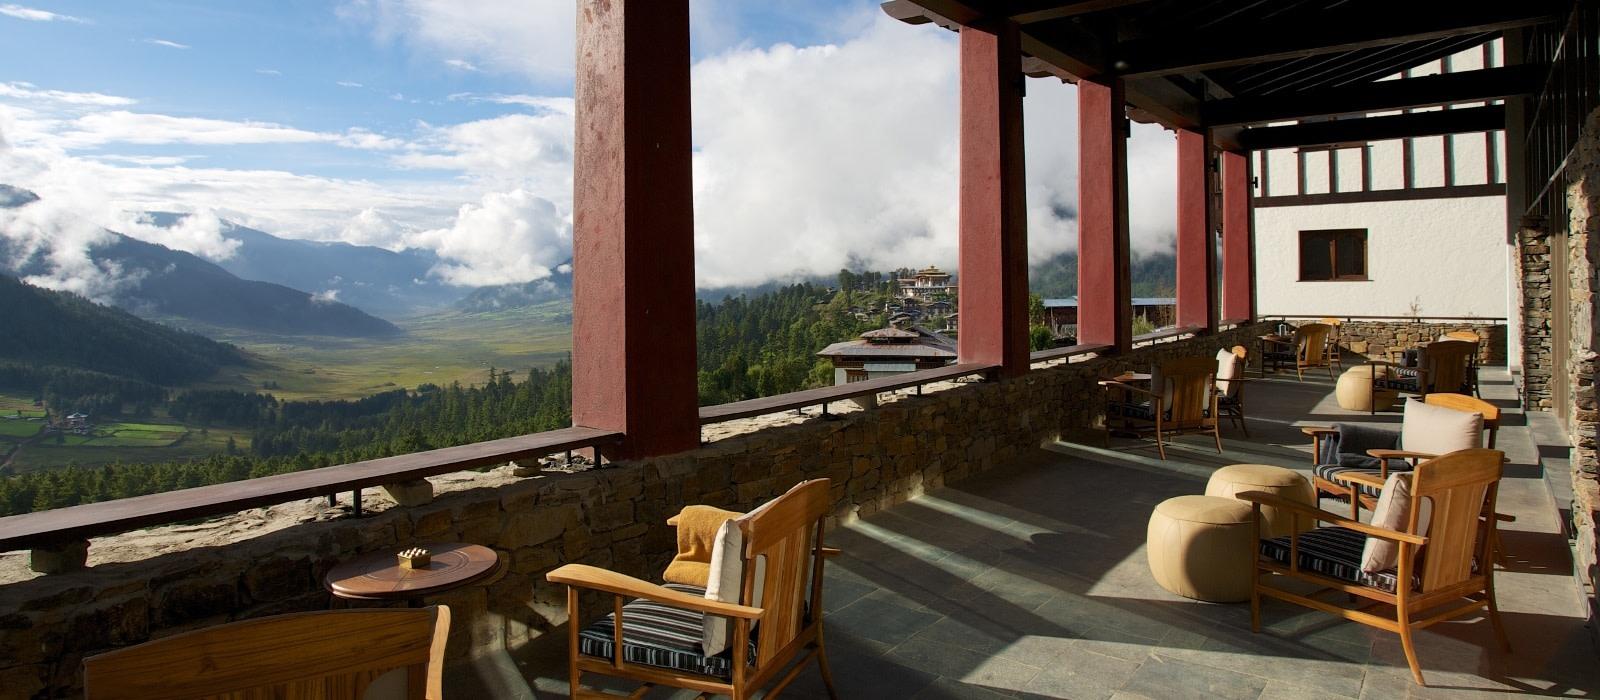 Hotel Gangtey Lodge Bhutan